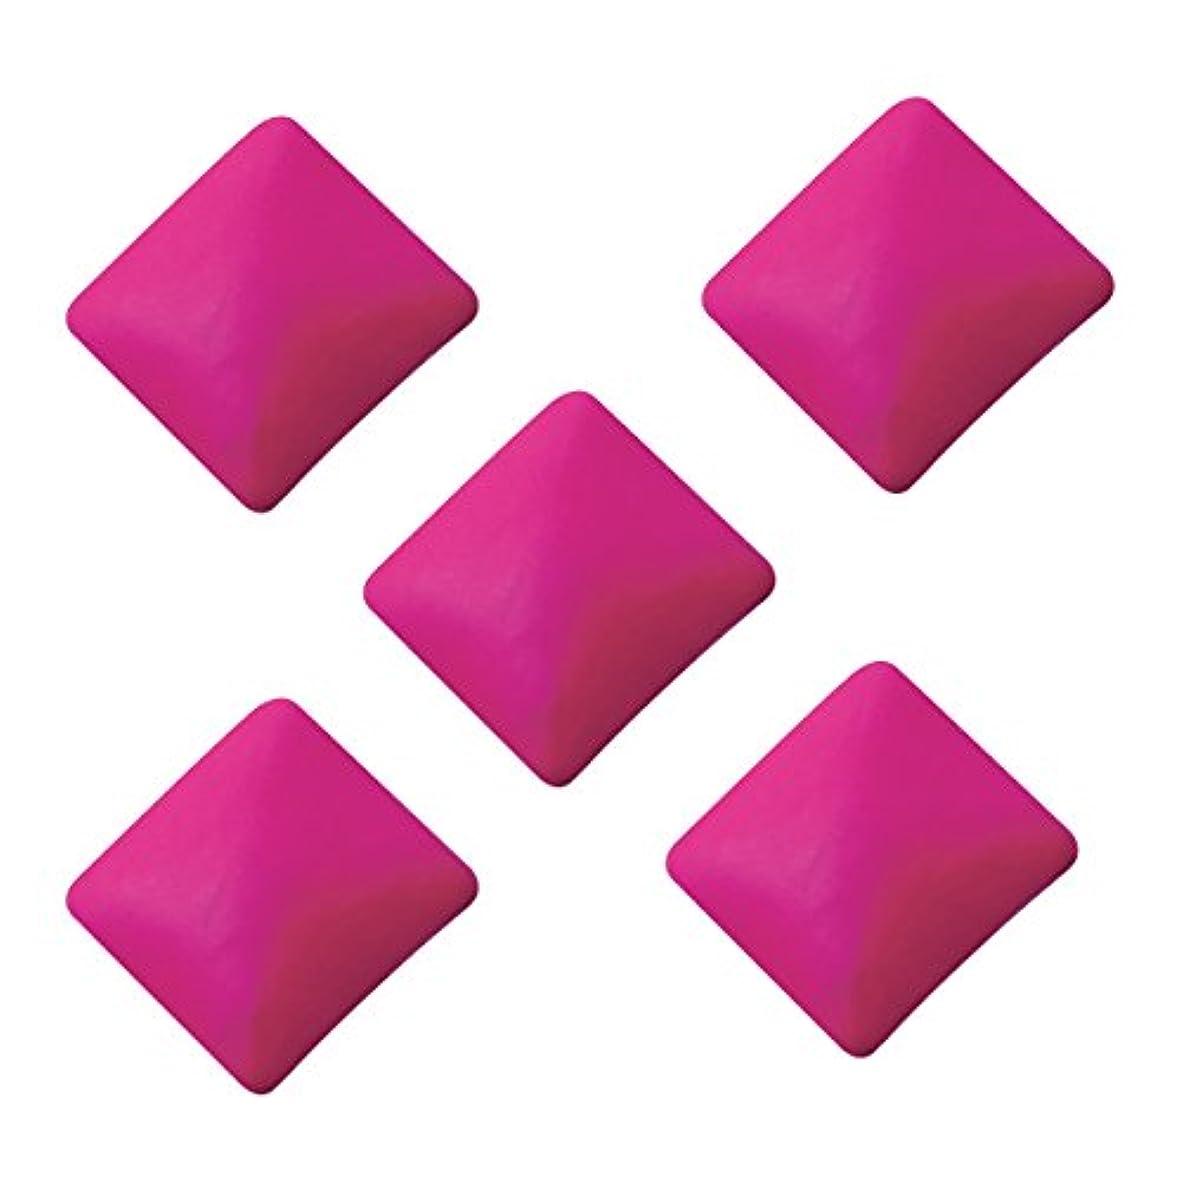 ダムガイダンス施しネオンスタッズ スクエア 3×3mm(100個入り) ピンク